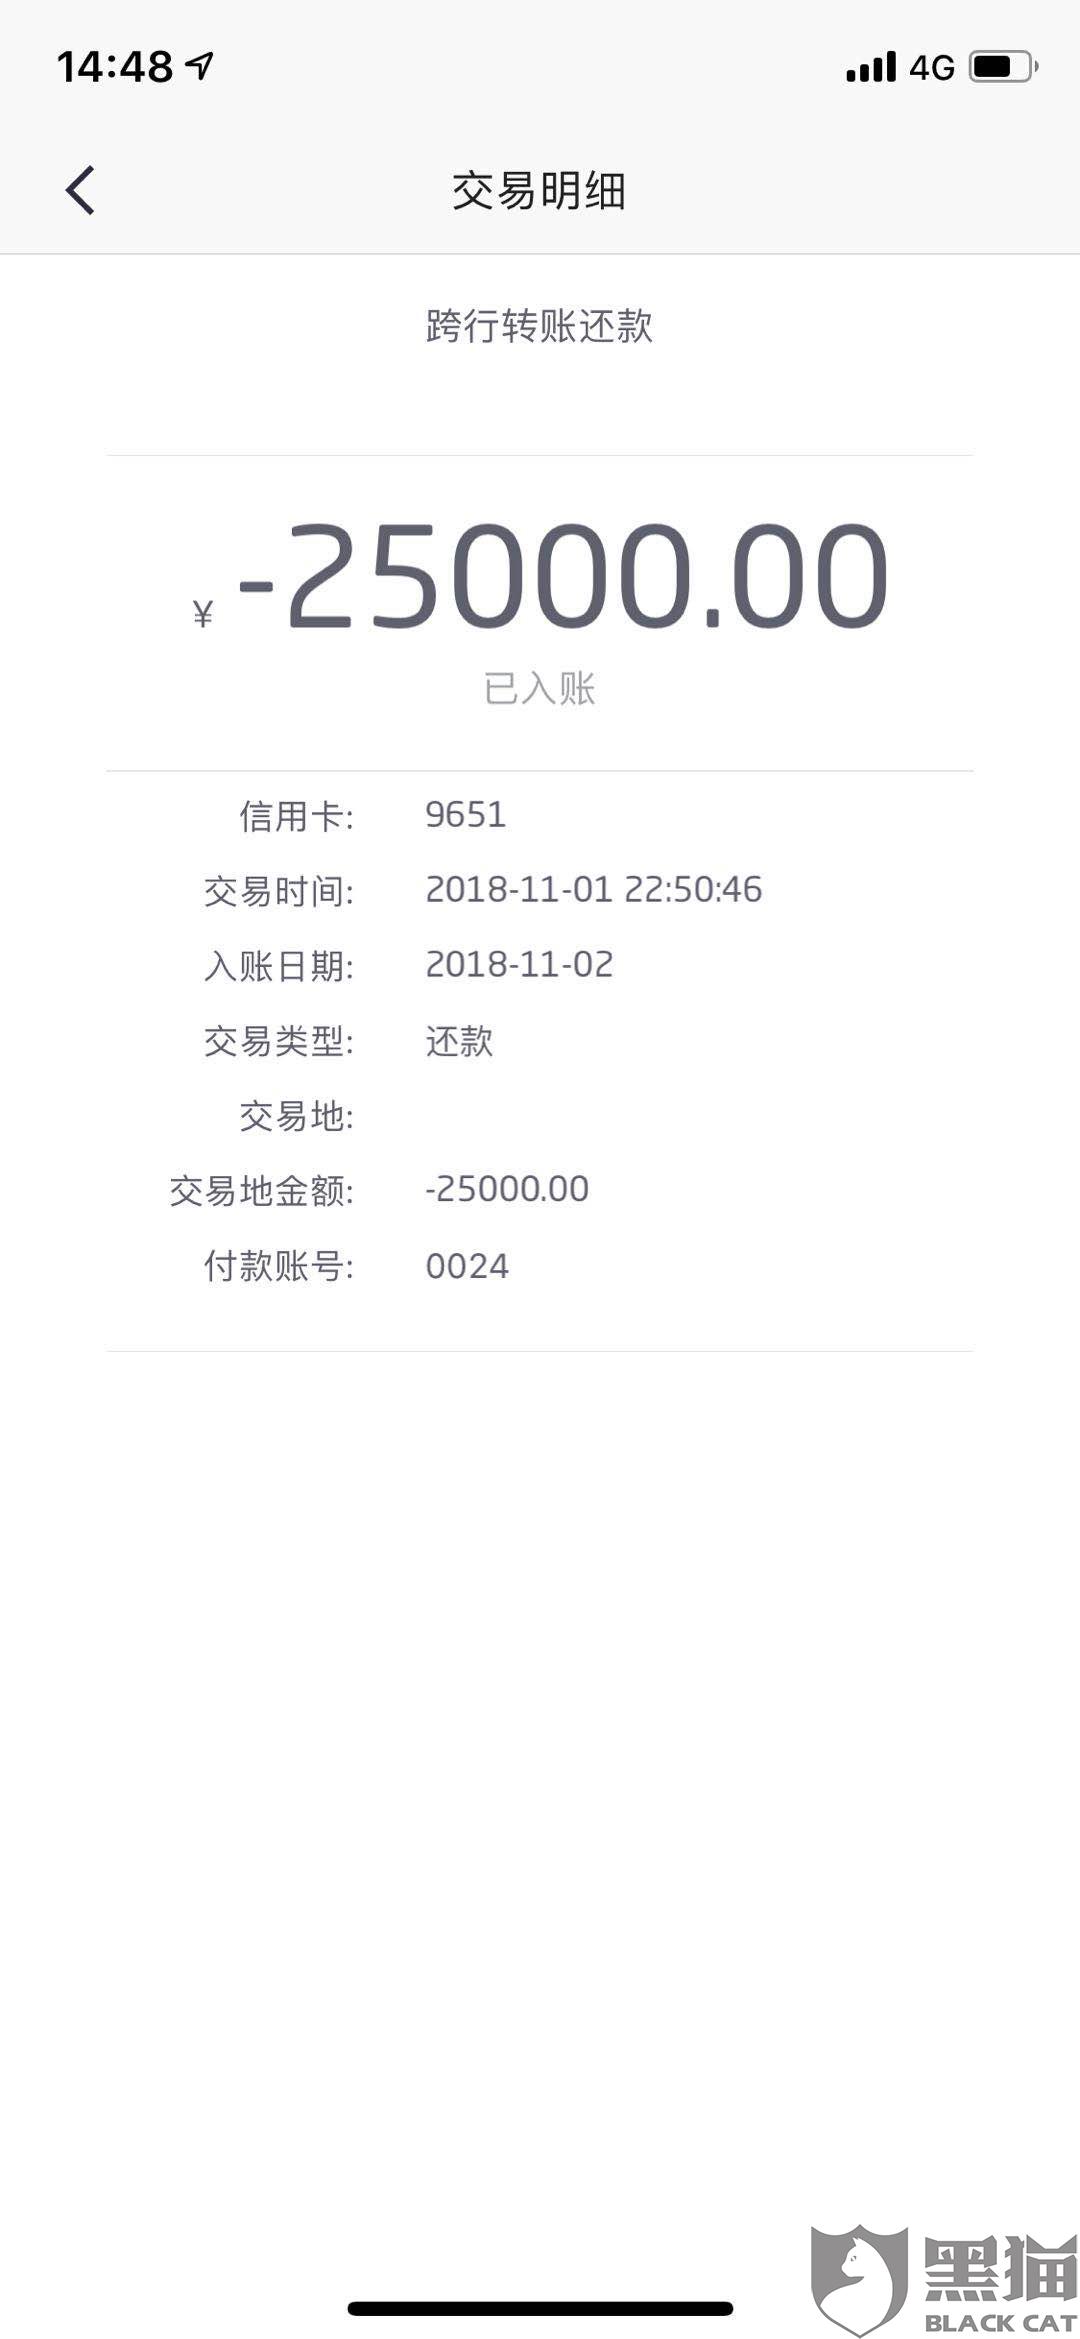 黑猫投诉:中腾信旗下小花钱包阴阳合同